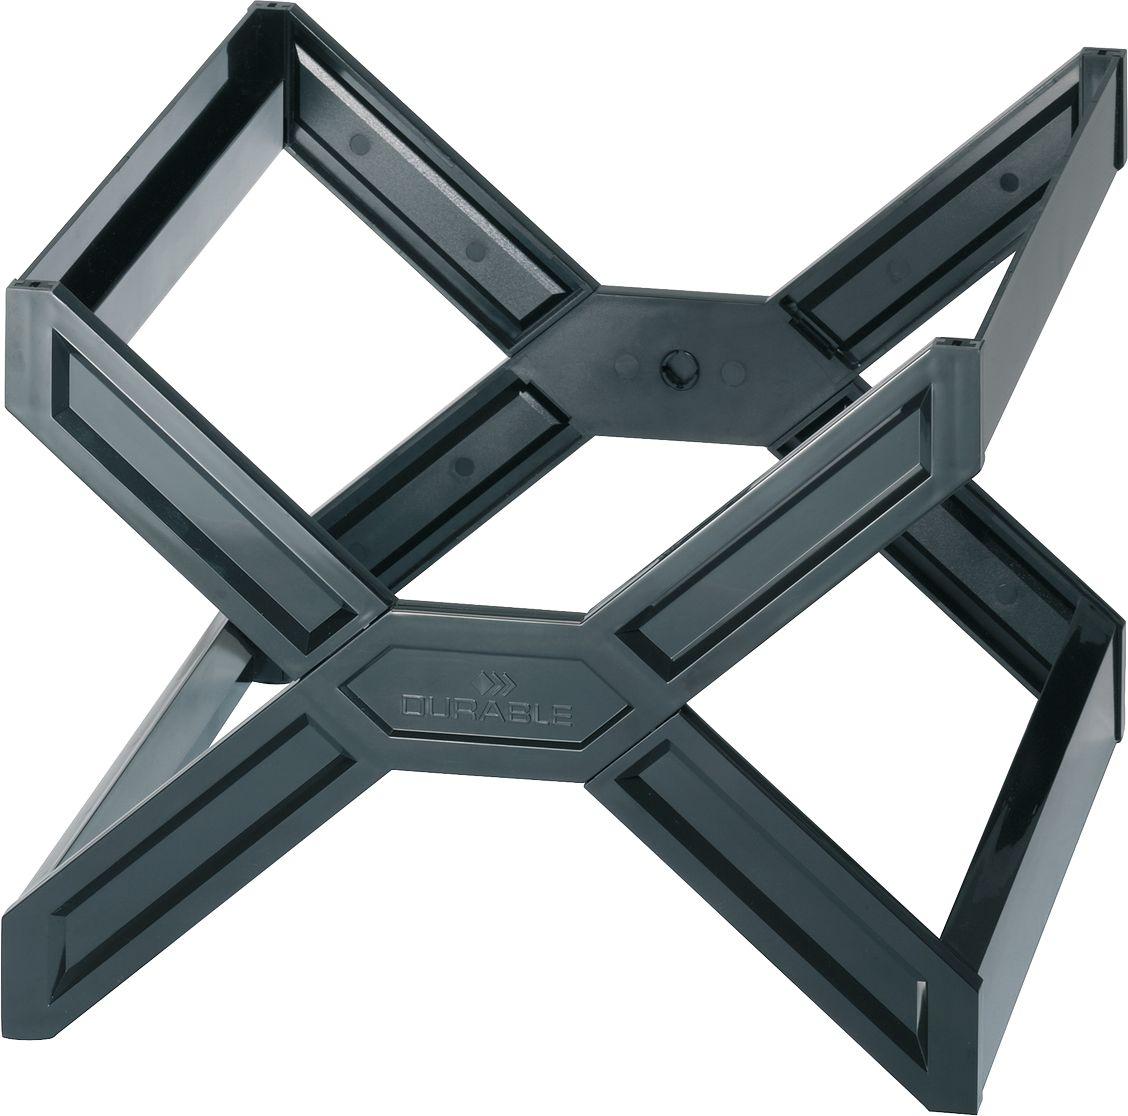 h ngekorb durable carry plus g nstig kaufen sch fer shop. Black Bedroom Furniture Sets. Home Design Ideas